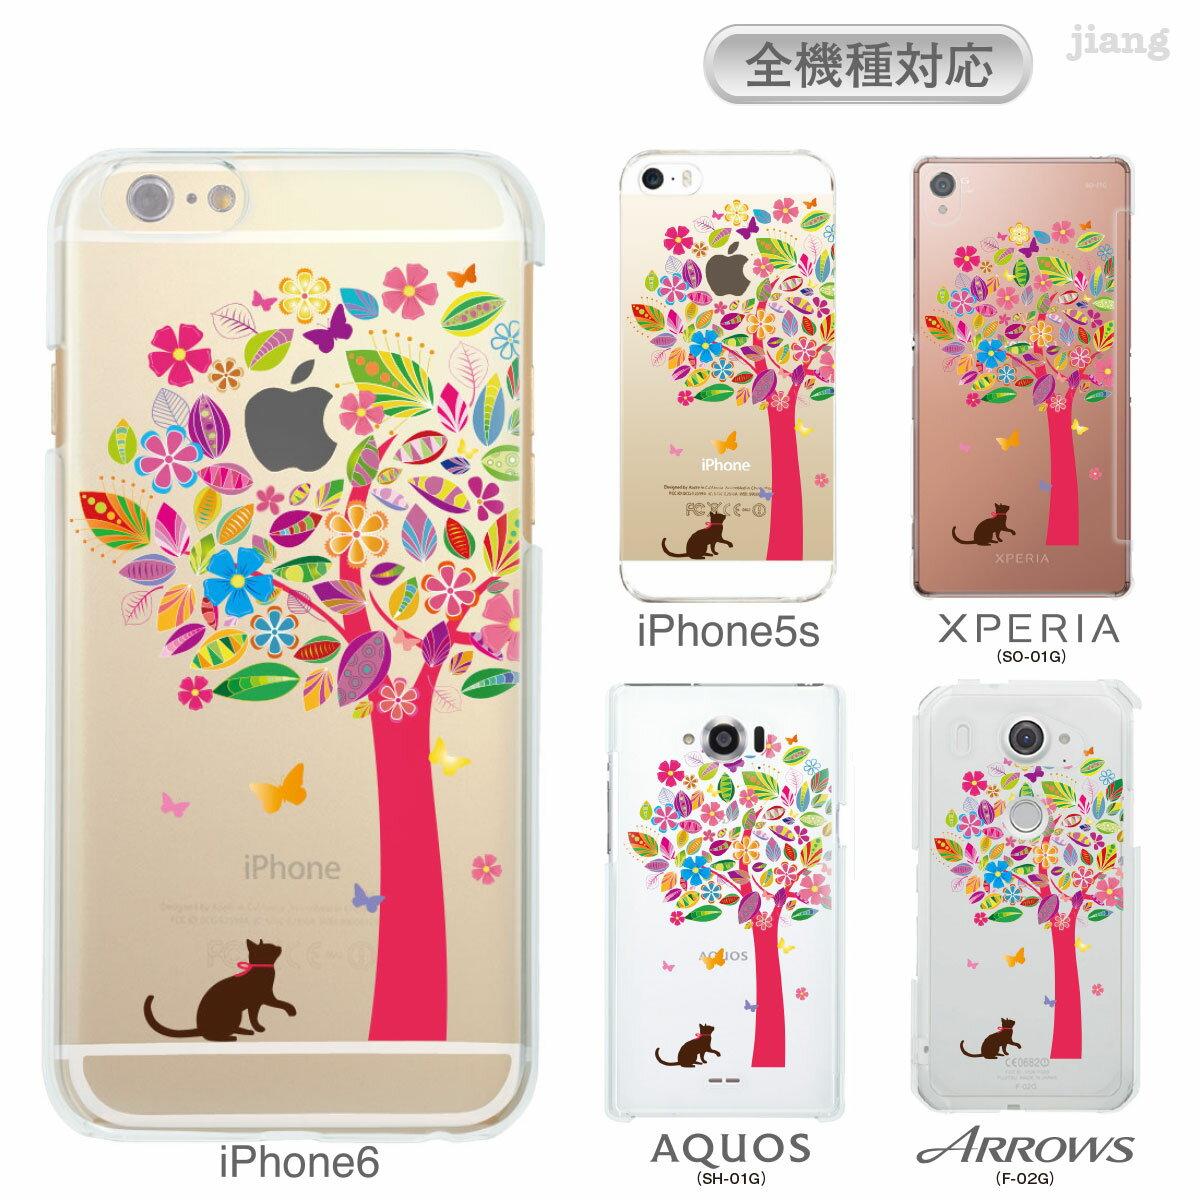 スマホケース 全機種対応 ケース カバー ハードケース クリアケースiPhoneX iPhone8 iPhone7s Plus iPhone7 iPhone6s iPhone6 Plus iPhone SE 5s Xperia XZ1 SO-01K SO-02K XZ so-04j XZs so-03j aquos R SH-01K SHV41 22-zen-ca0121